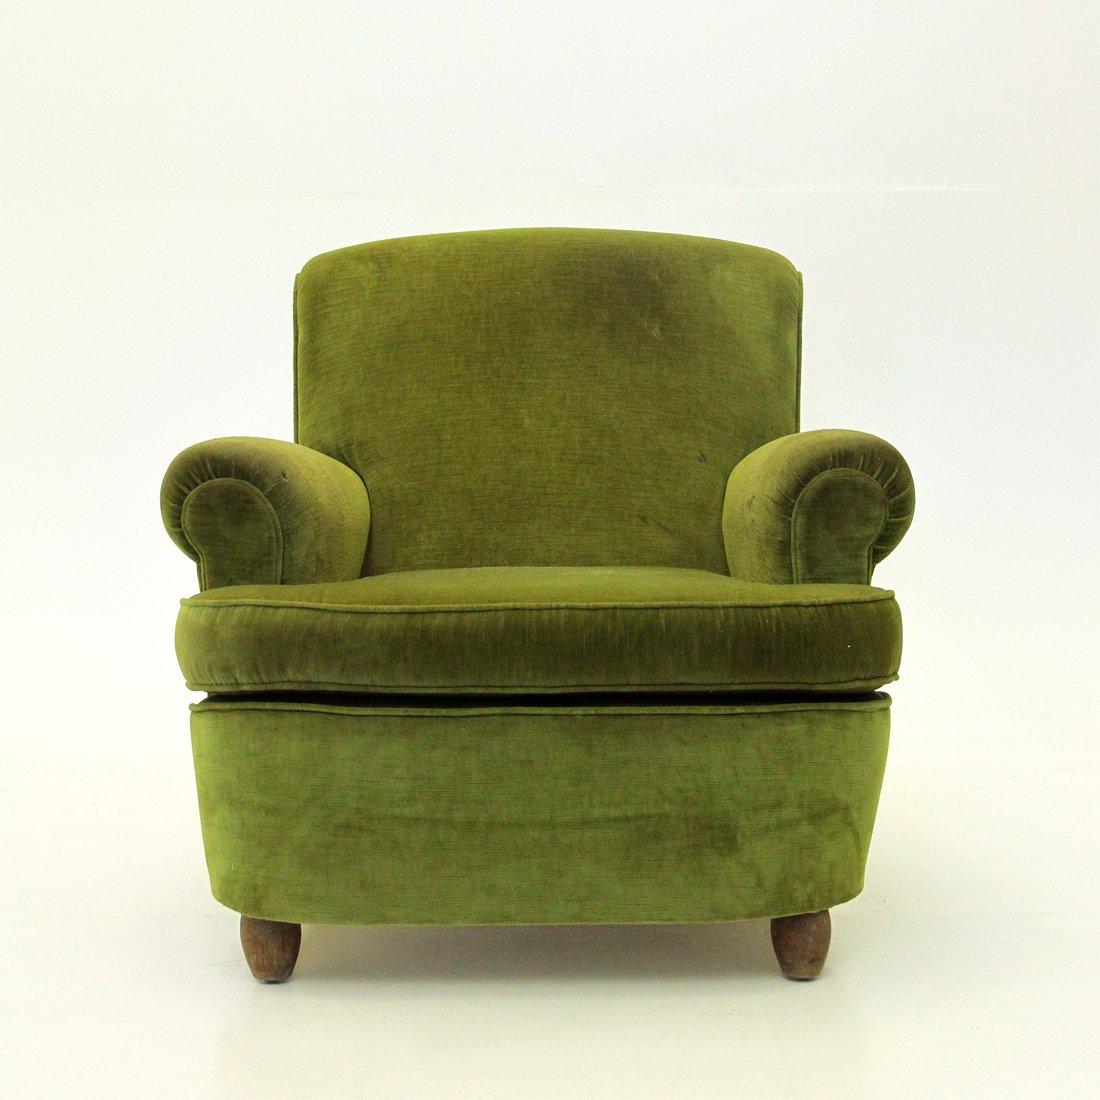 italienischer gr ner mid century sessel aus samt 1940er. Black Bedroom Furniture Sets. Home Design Ideas